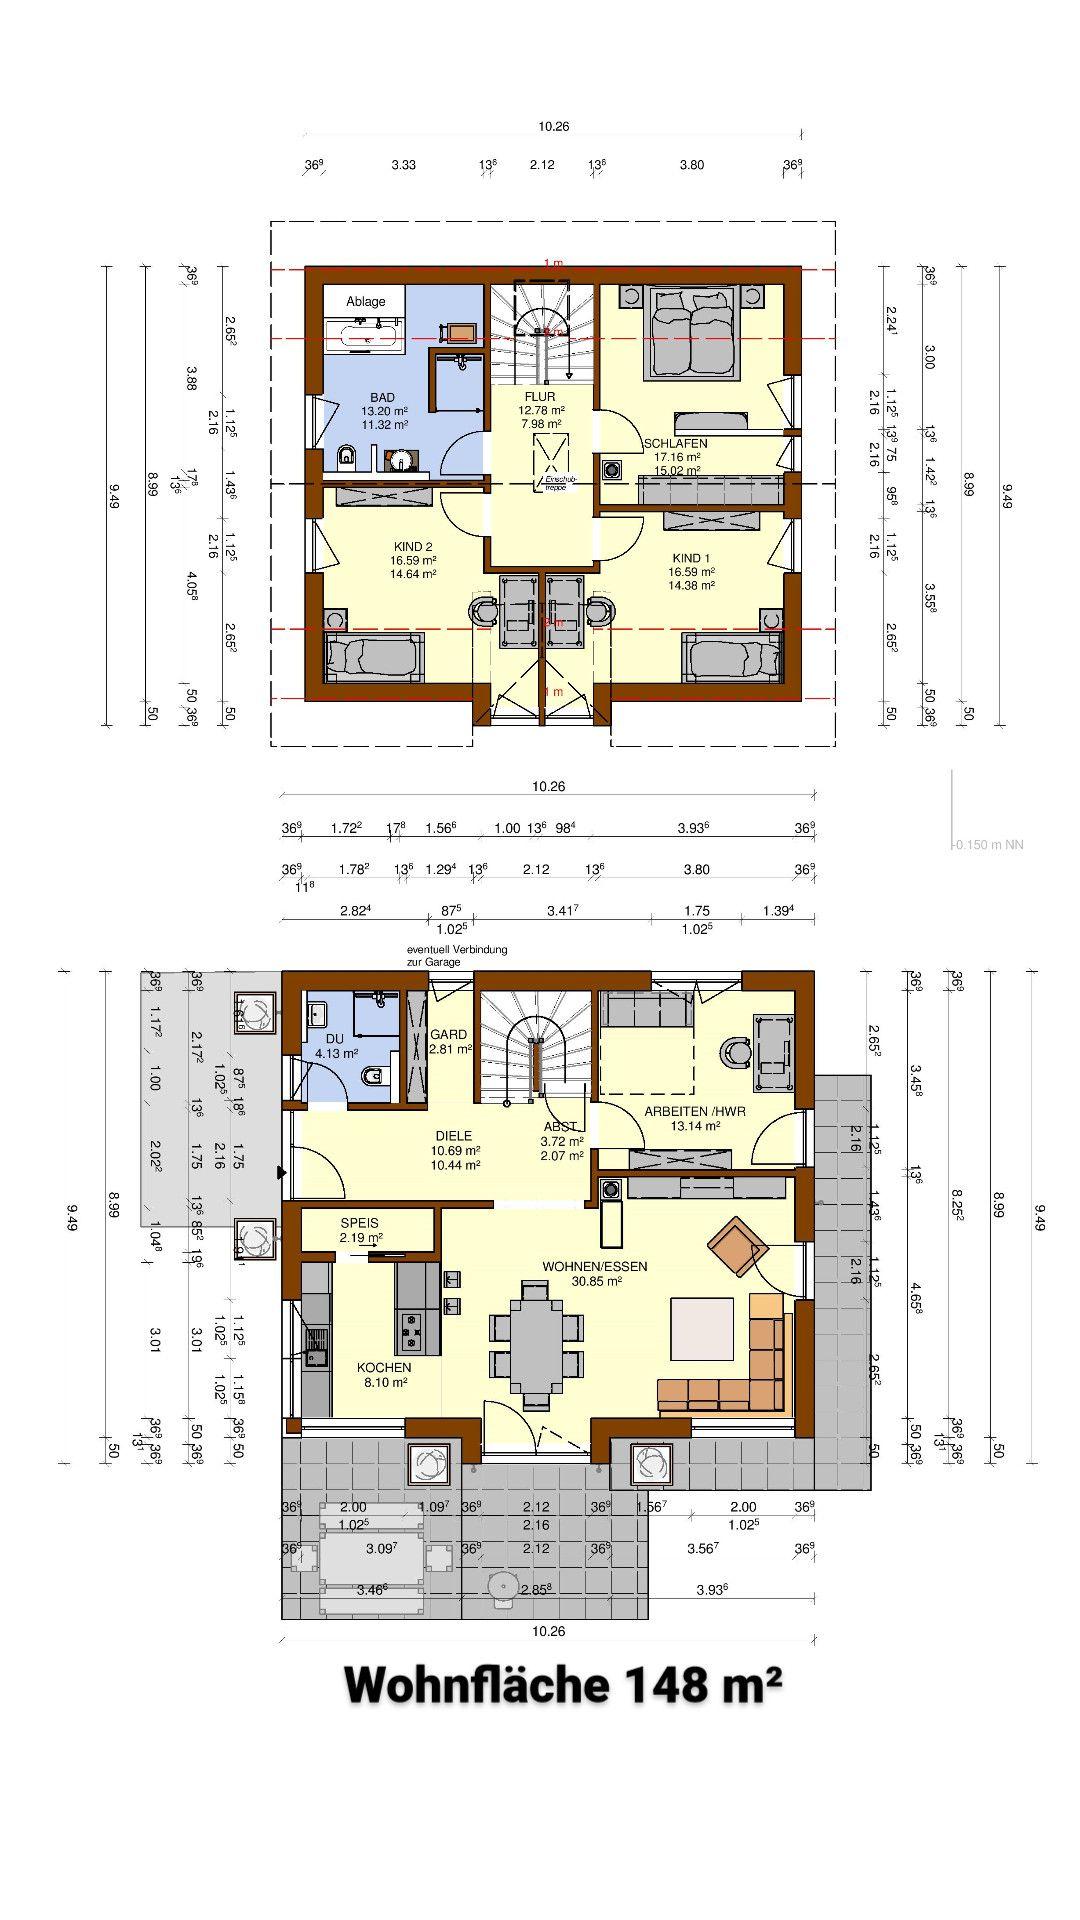 Planung eines Einfamilienhauses ohne Keller mit einer